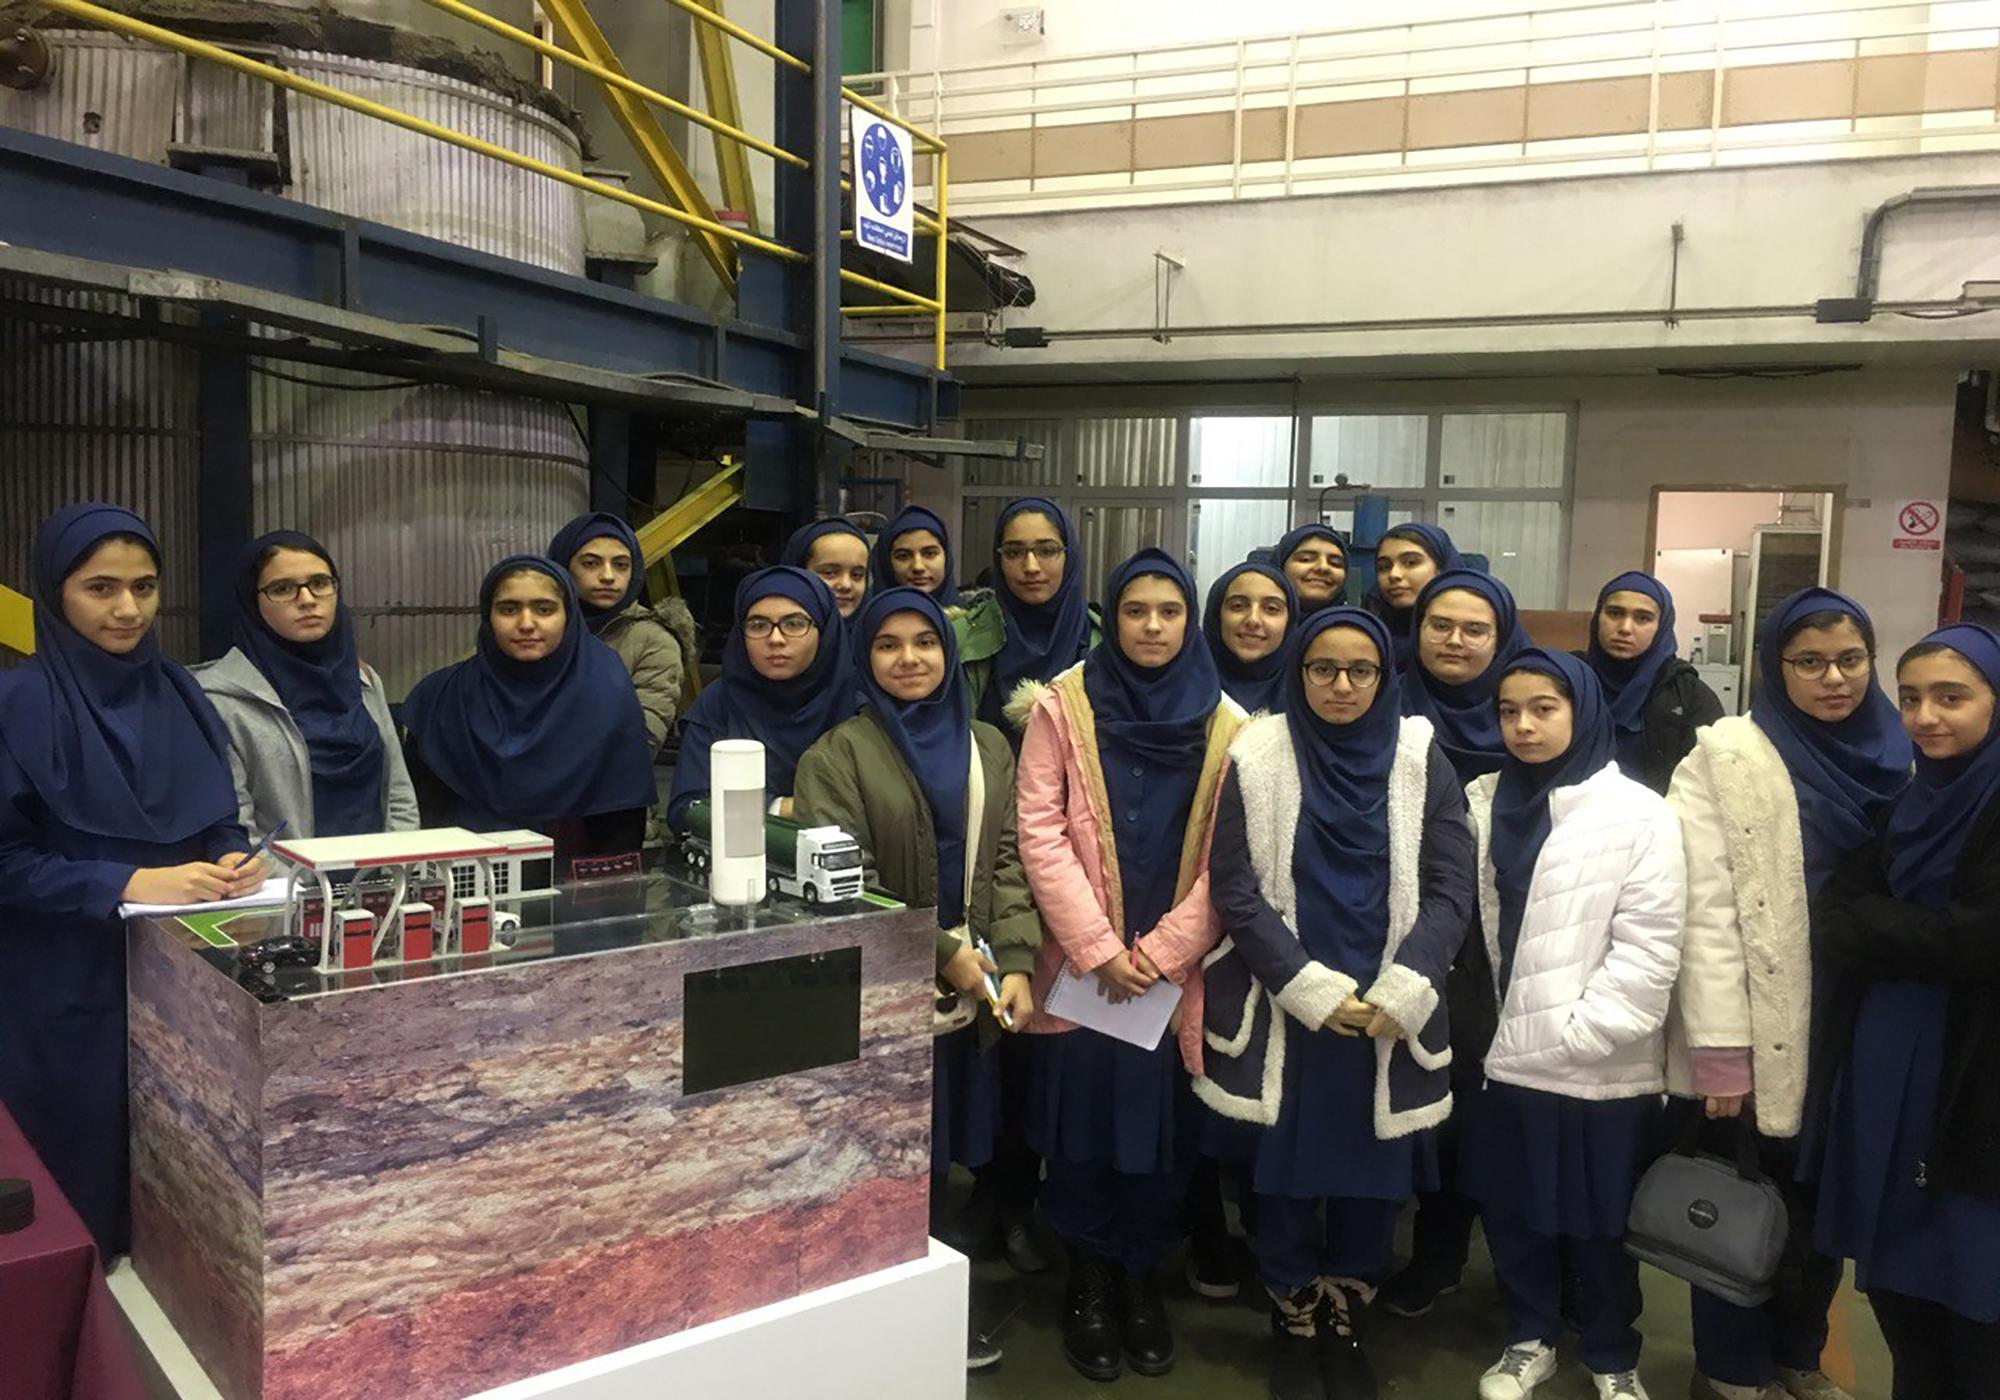 بازدید علمی پژوهشگاه صنعت نفت (2)